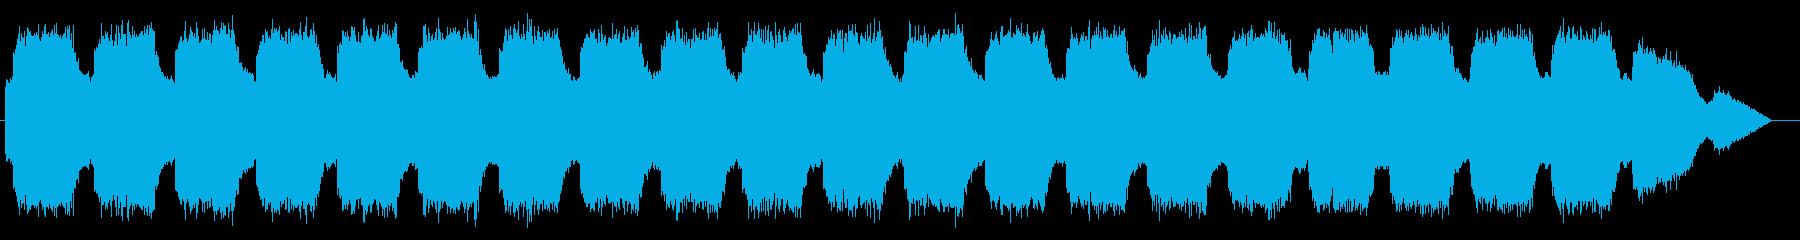 エマージェンシーサイレン タイプDの再生済みの波形